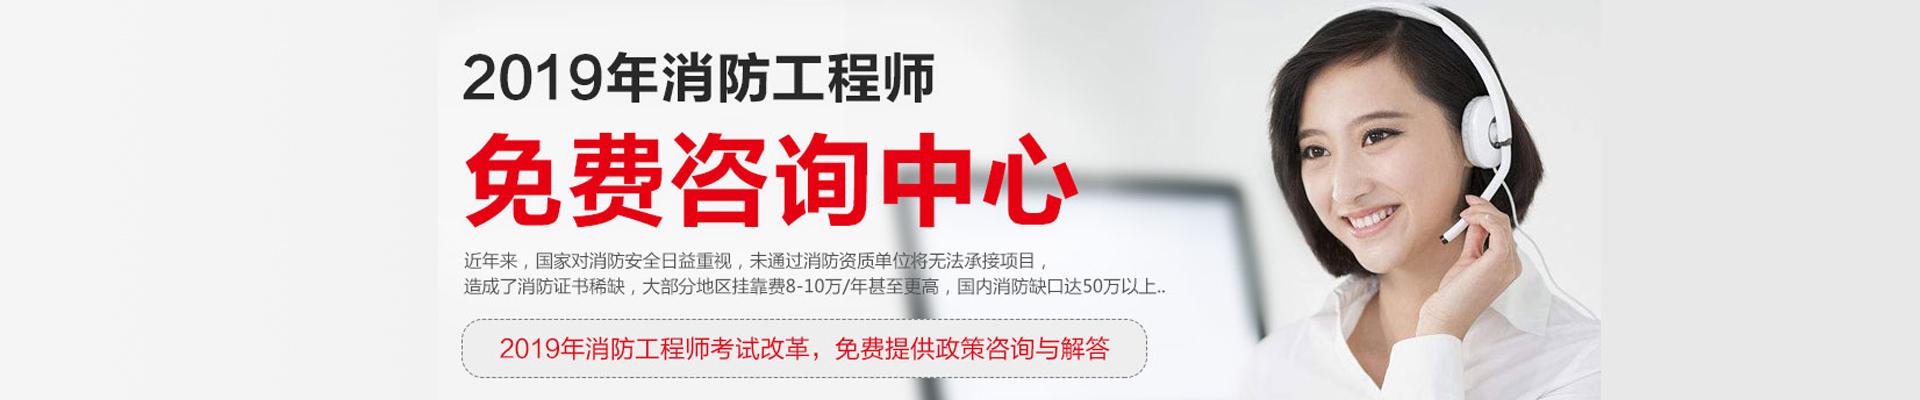 武汉优路消防培训学校